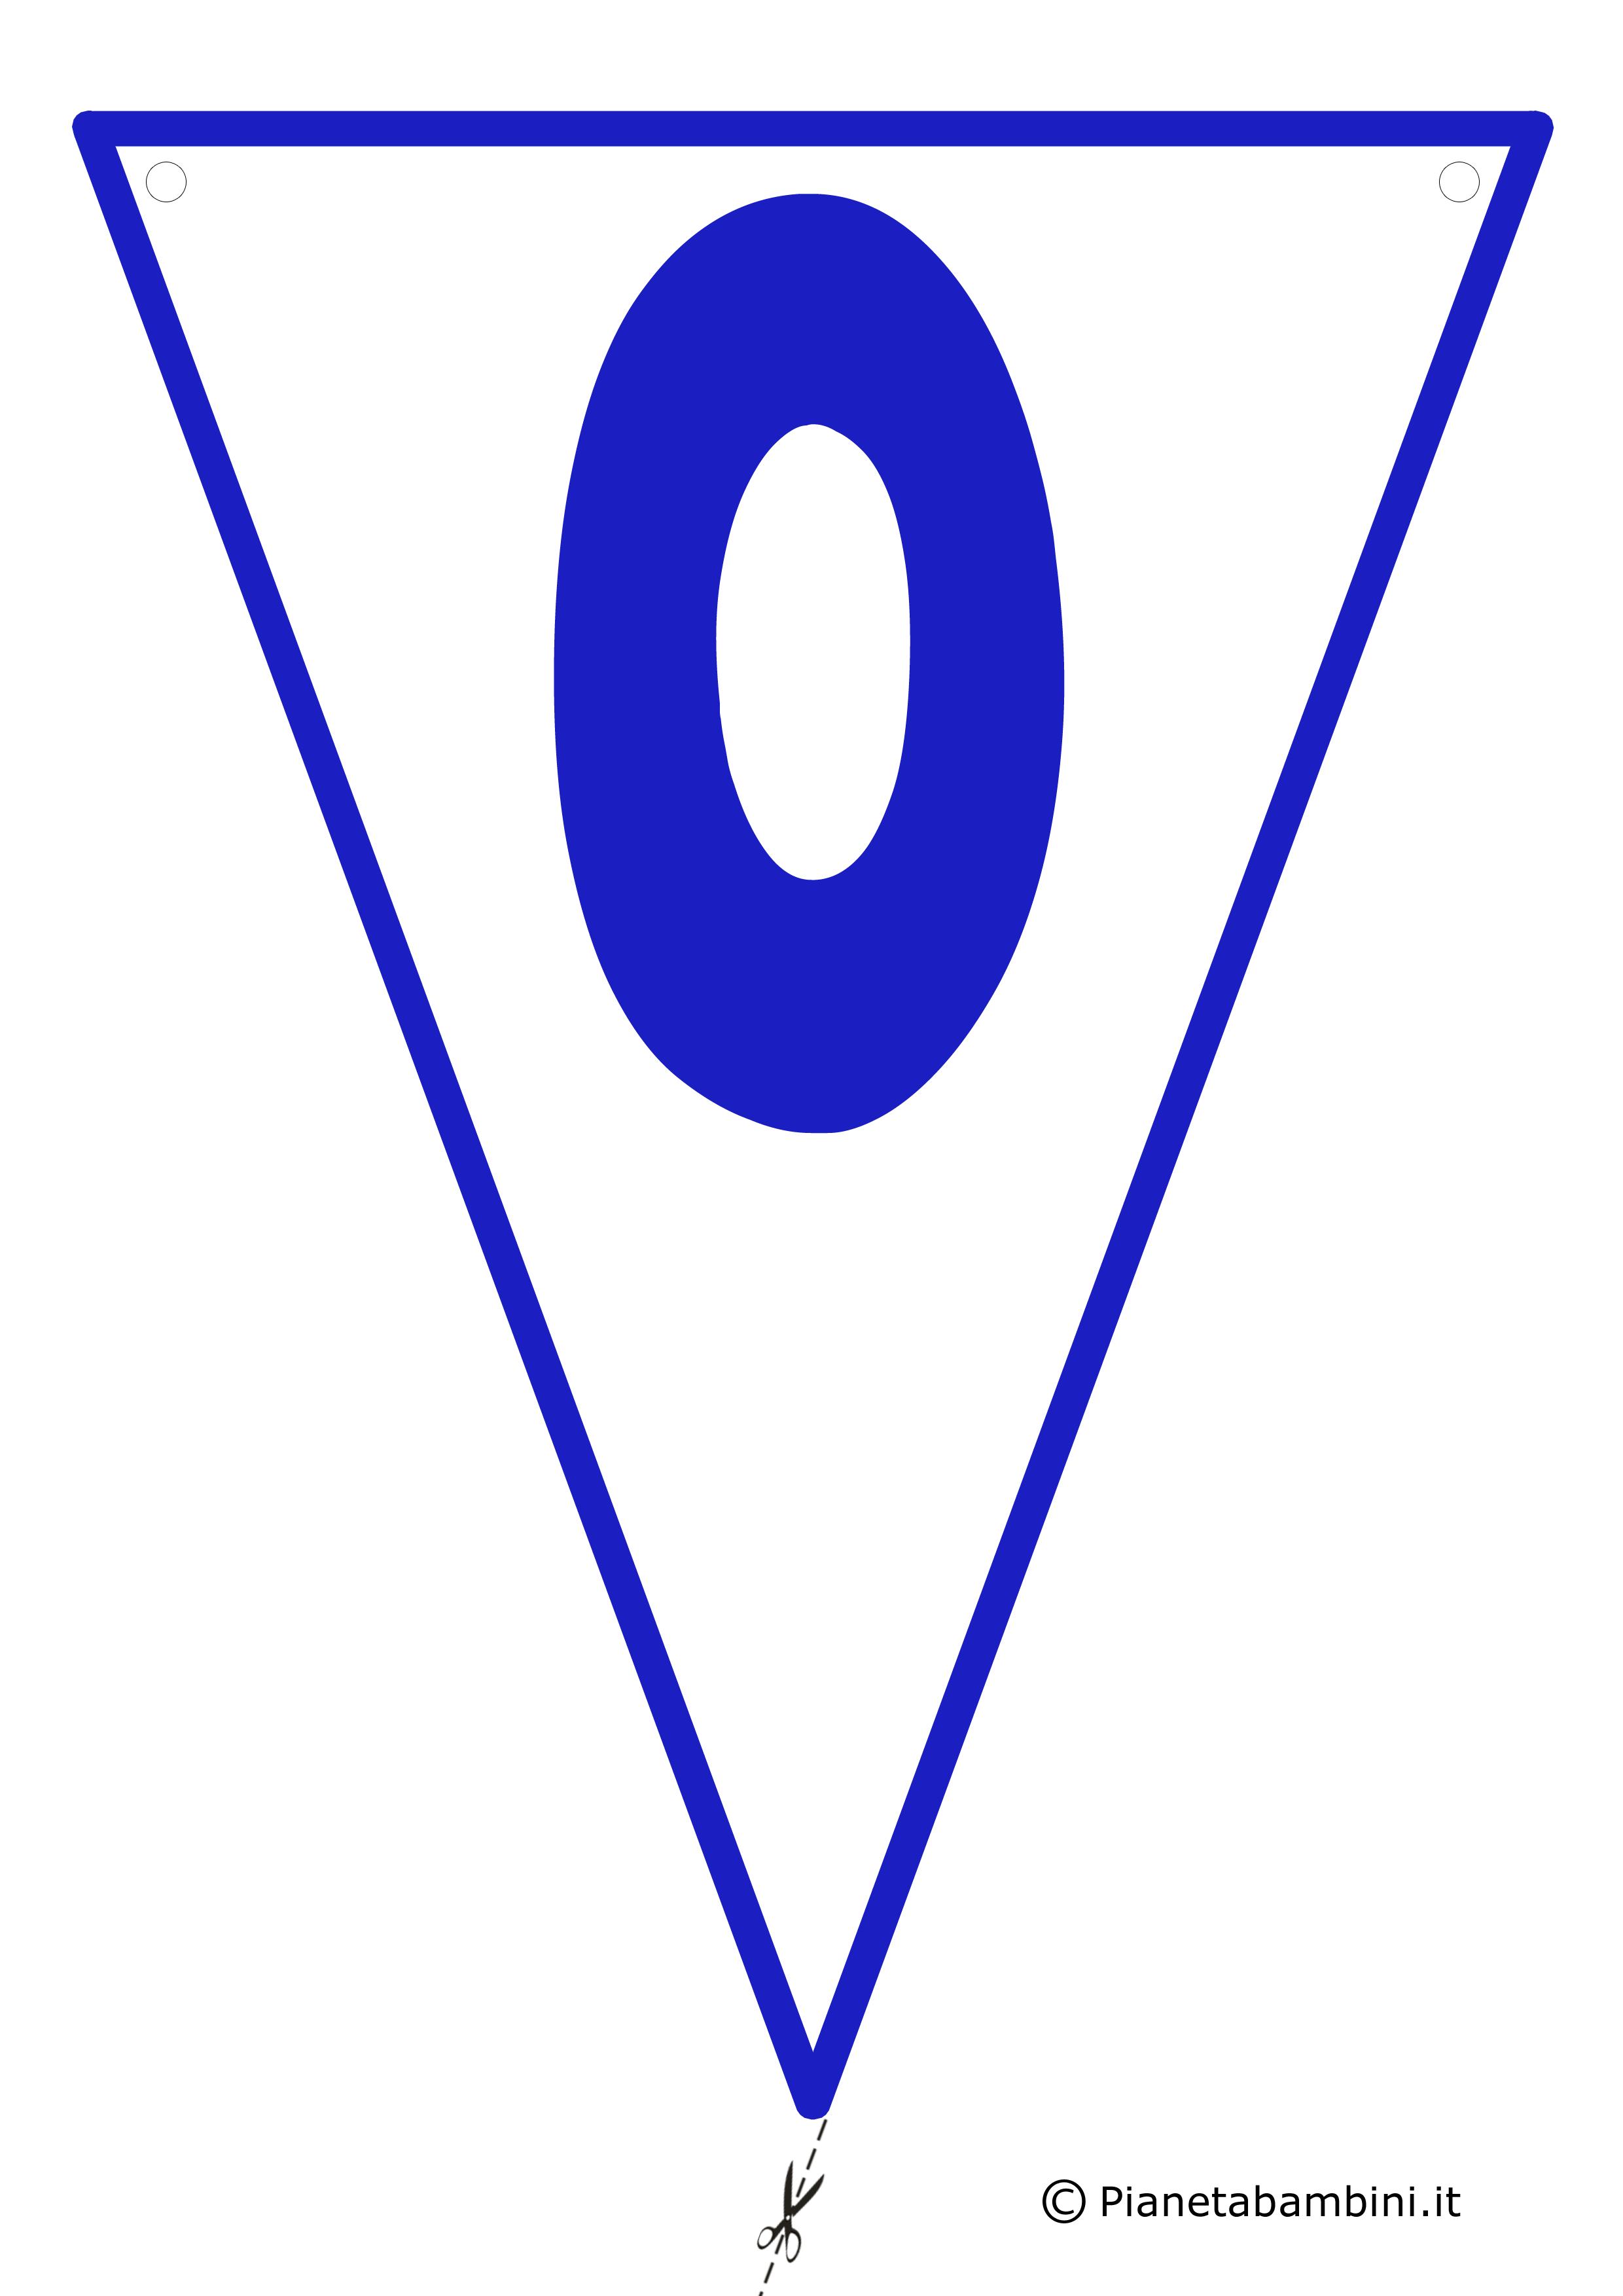 Bandierina-O-Blu_2